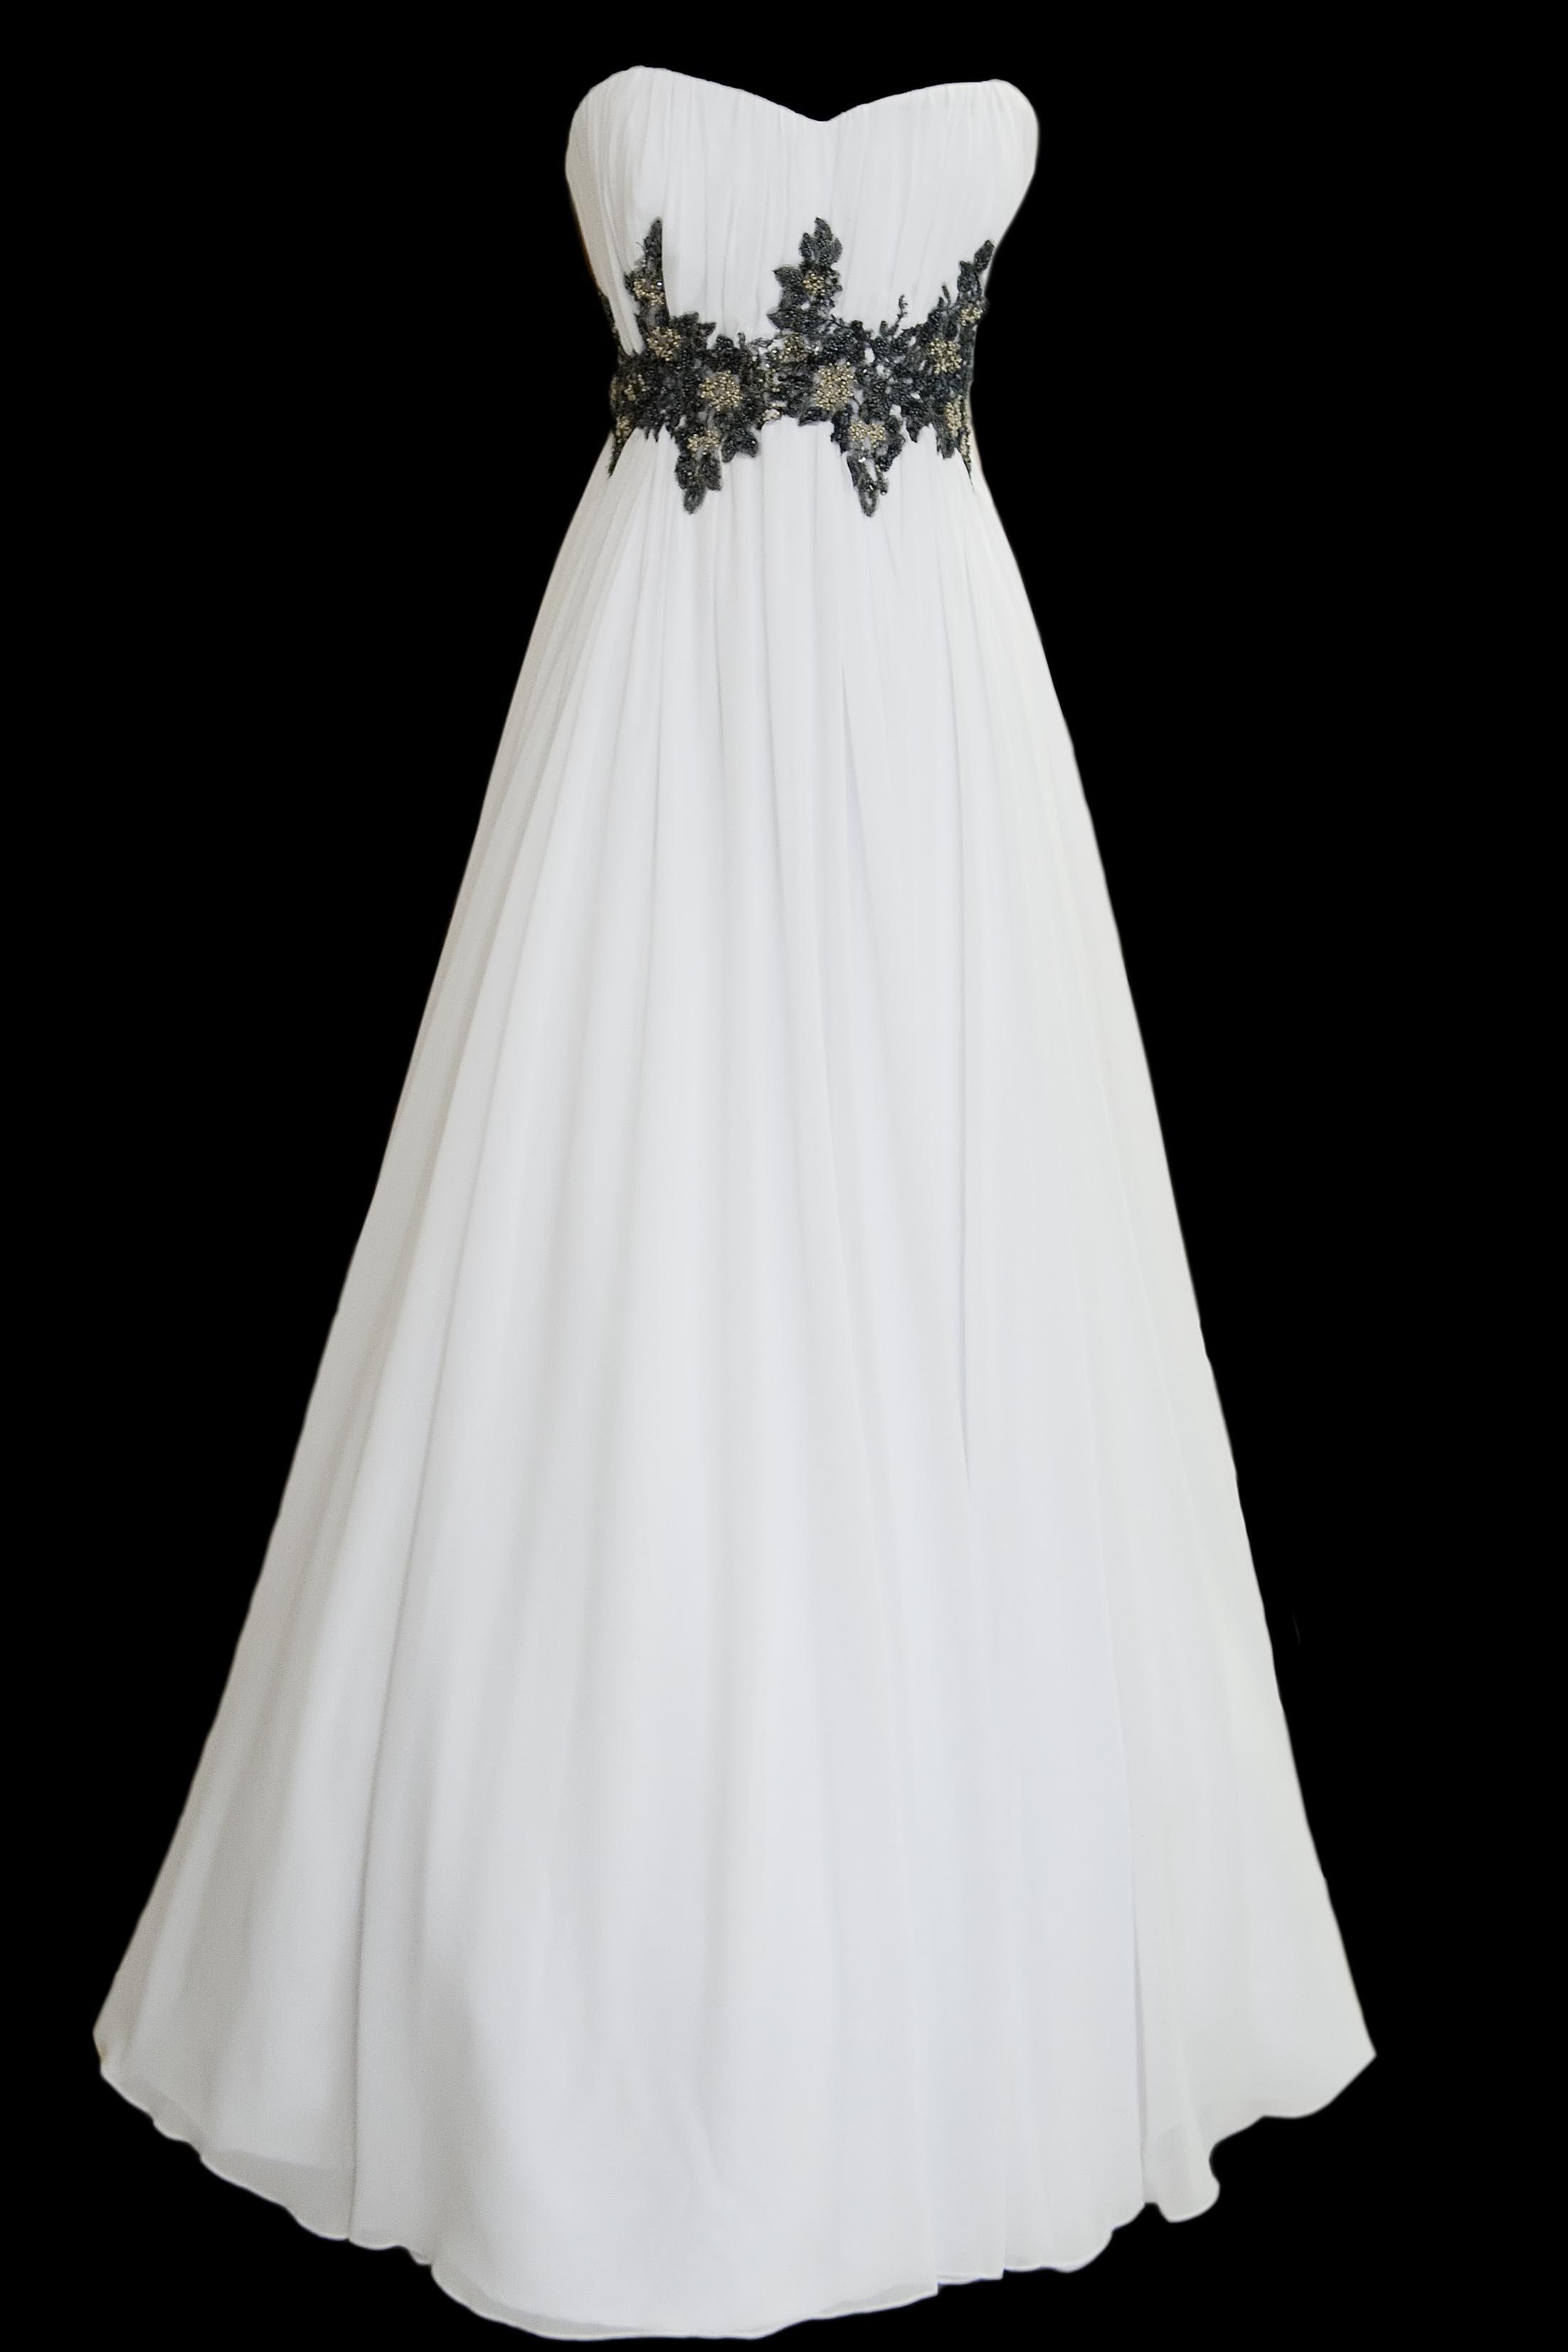 df0e4171c0 Jaką suknię ubrać do ślubu cywilnego